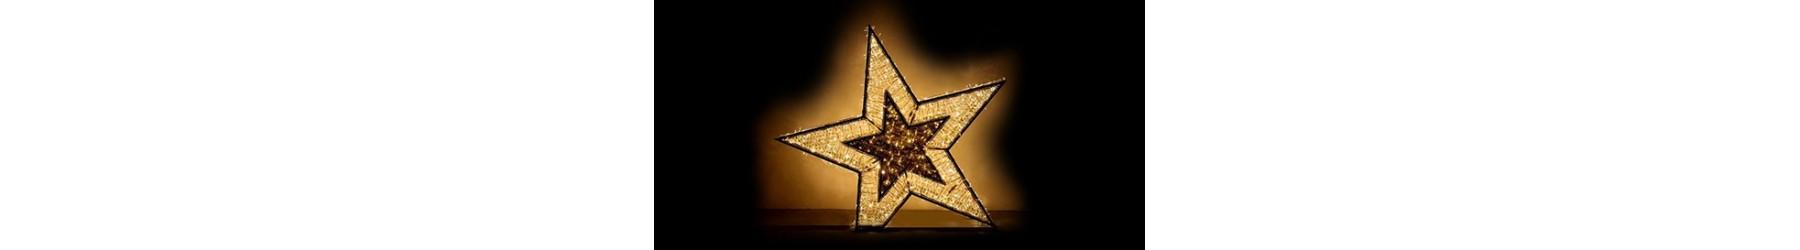 Χριστουγεννιάτικα φωτιζόμενα αστέρια διακόσμησης